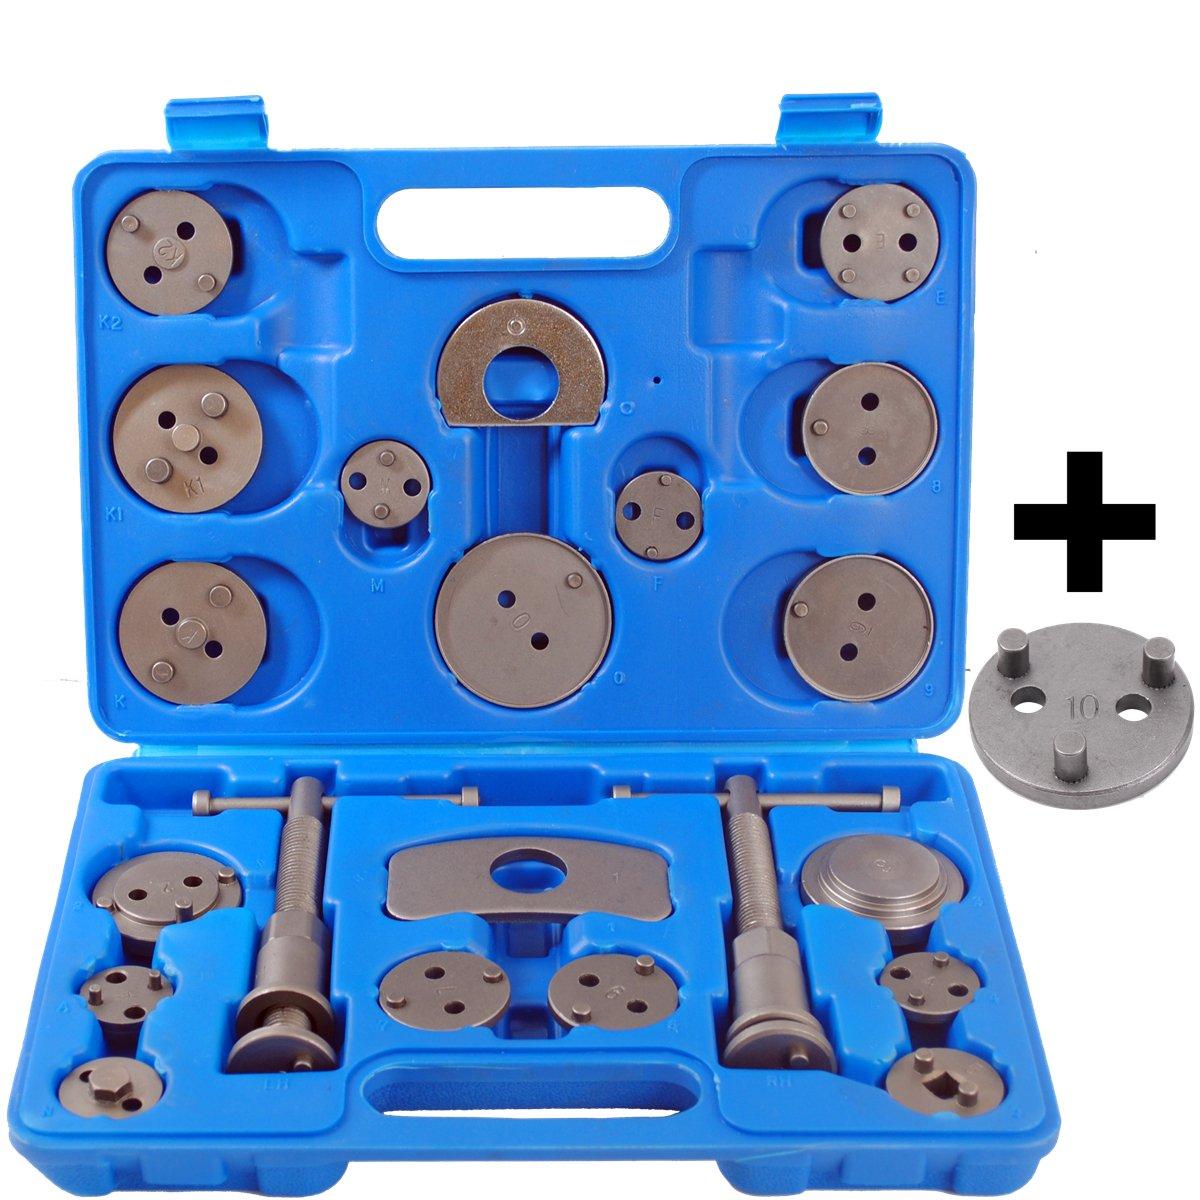 CCLIFE Caja con herramientas para reponer pinzas de freno,set de herramientas para vehículos,